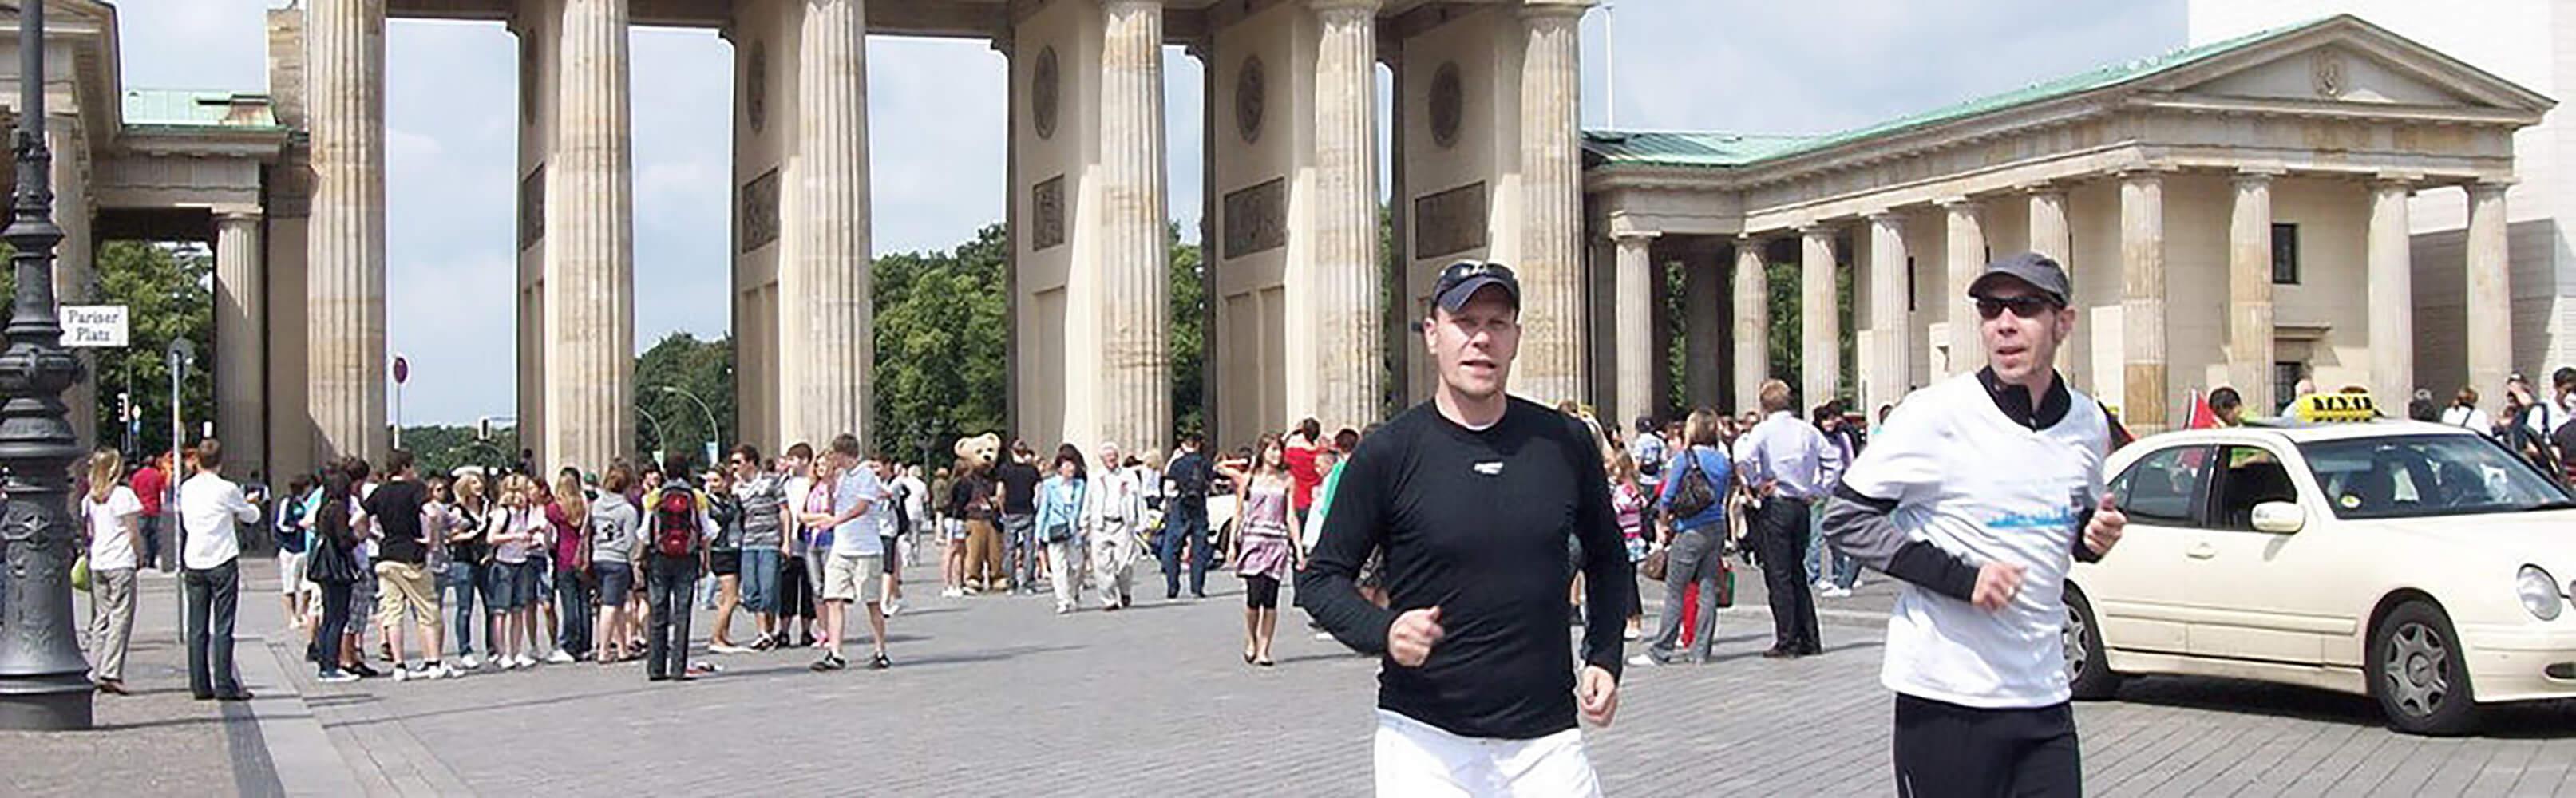 SJSW Sightjogging / Sightwalking Berlin - sportliche Stadtführungen 1